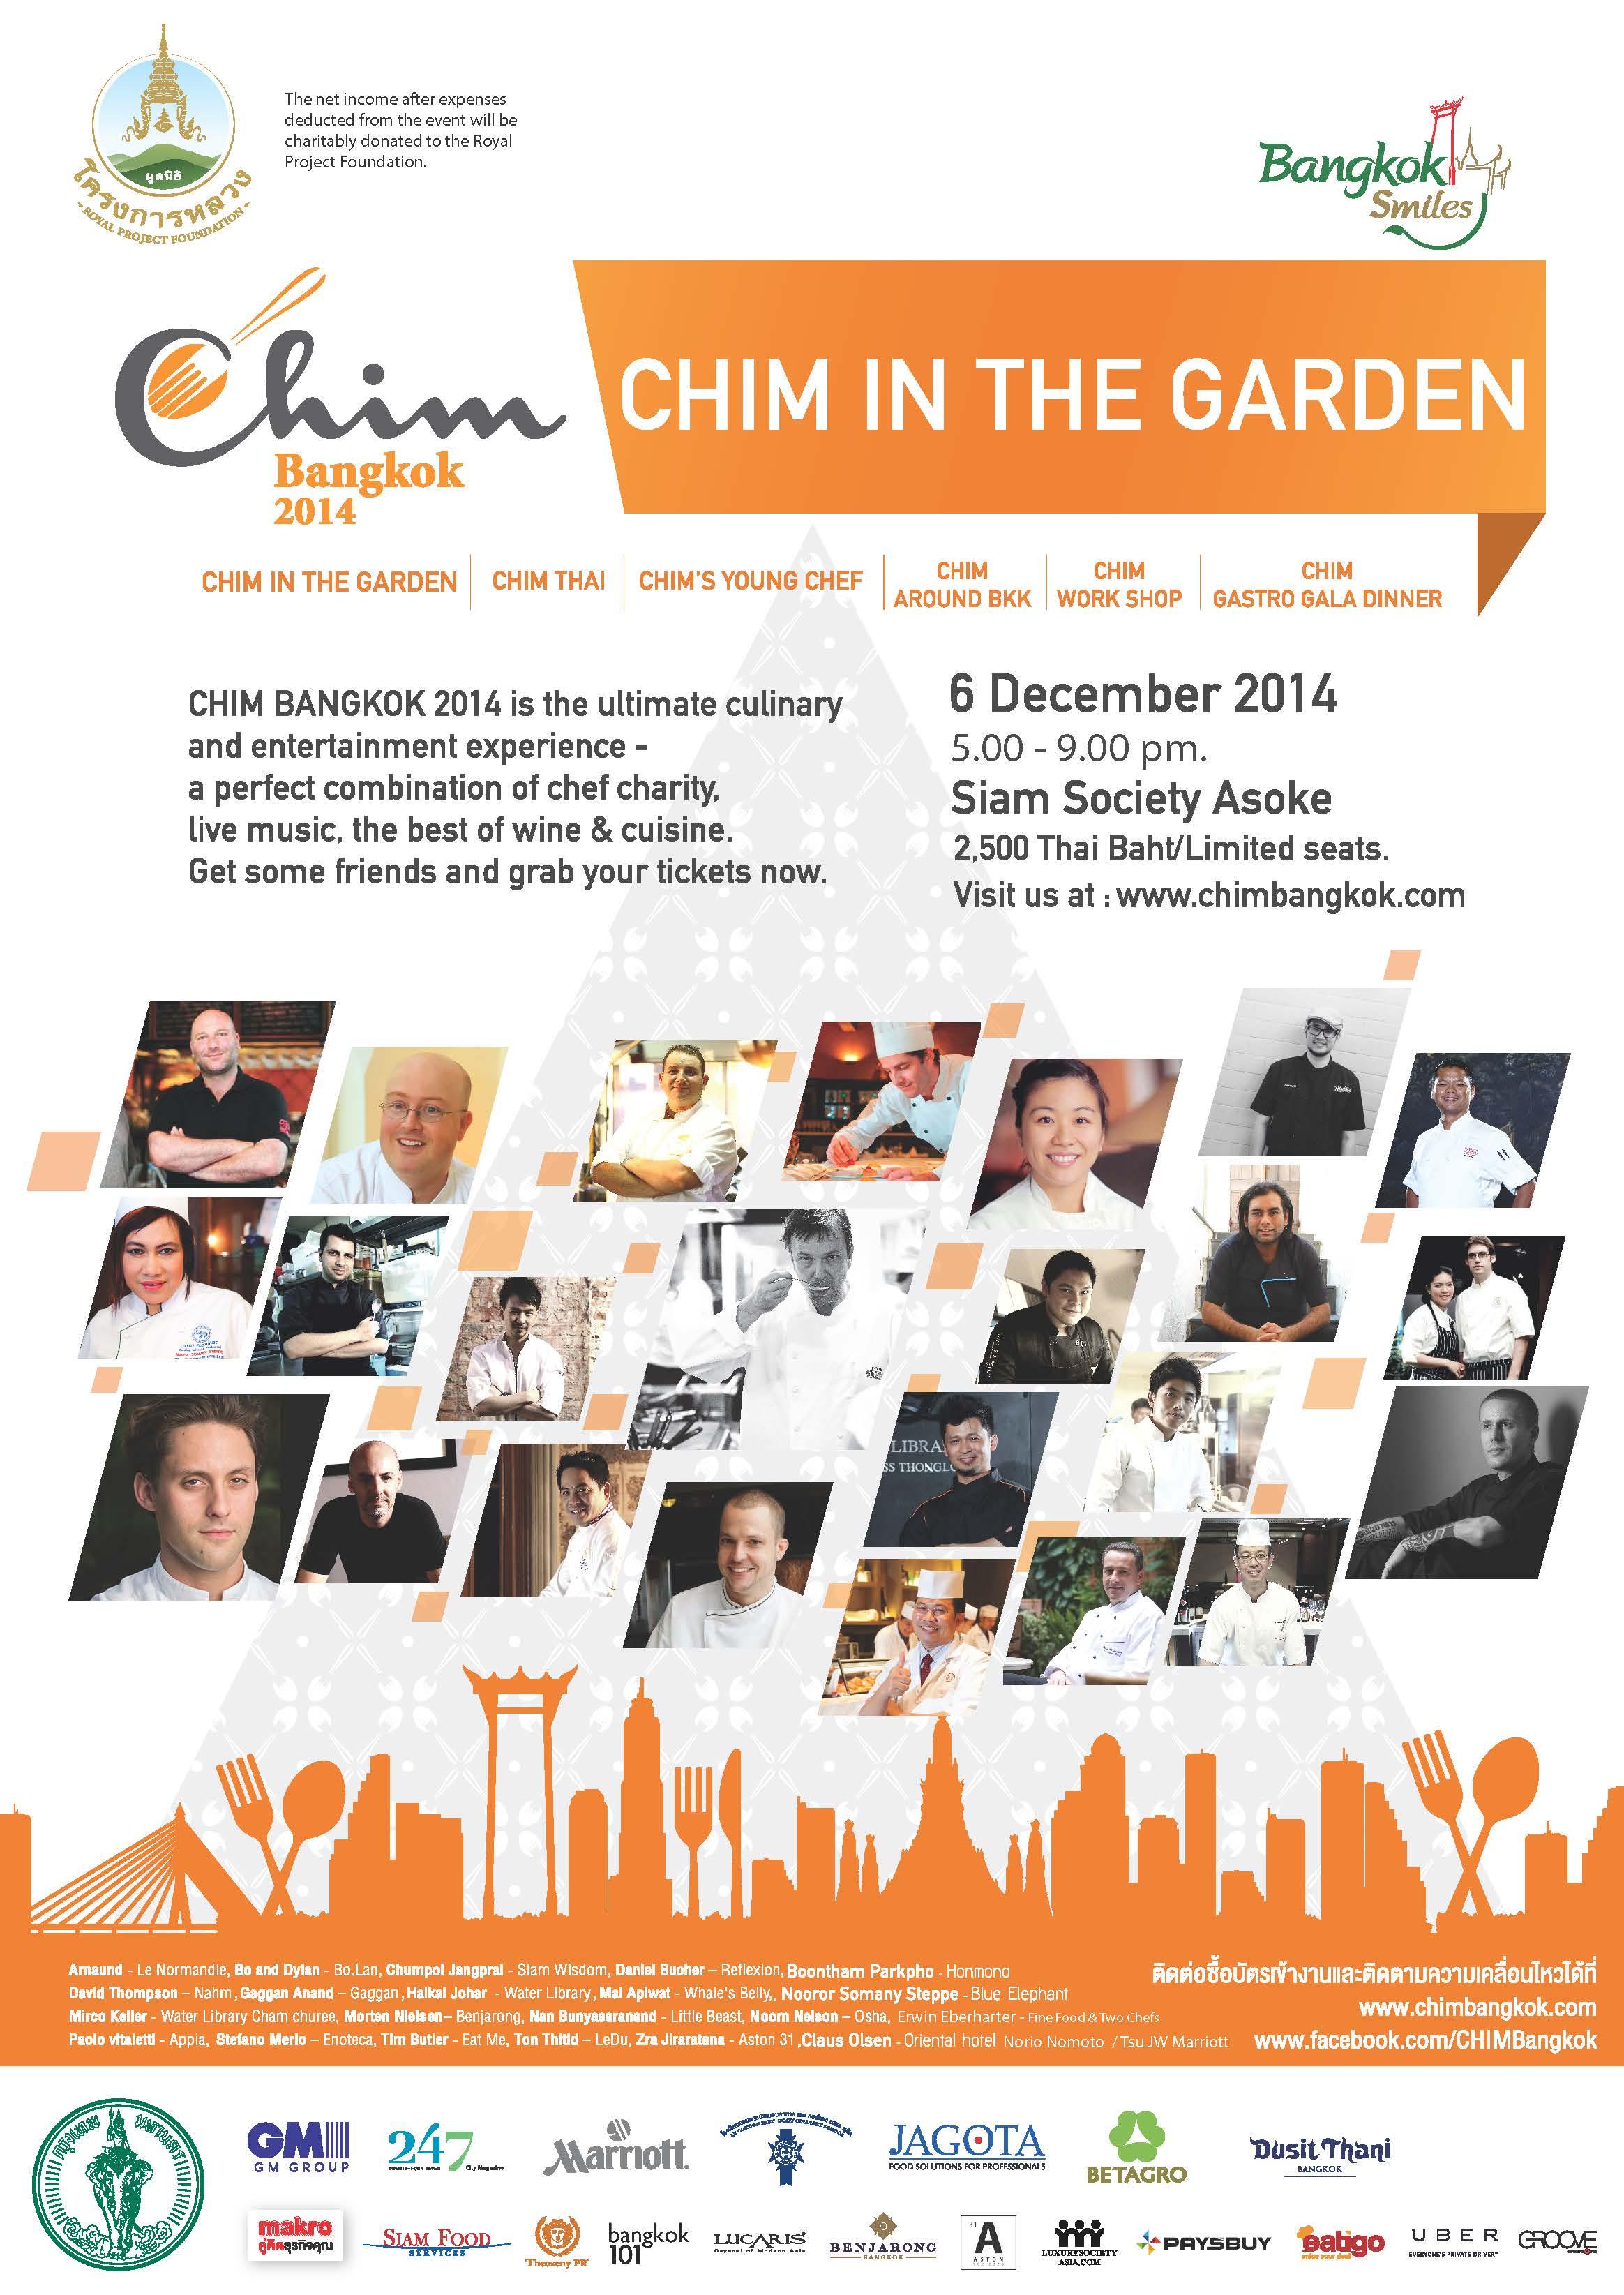 CHIM in the garden